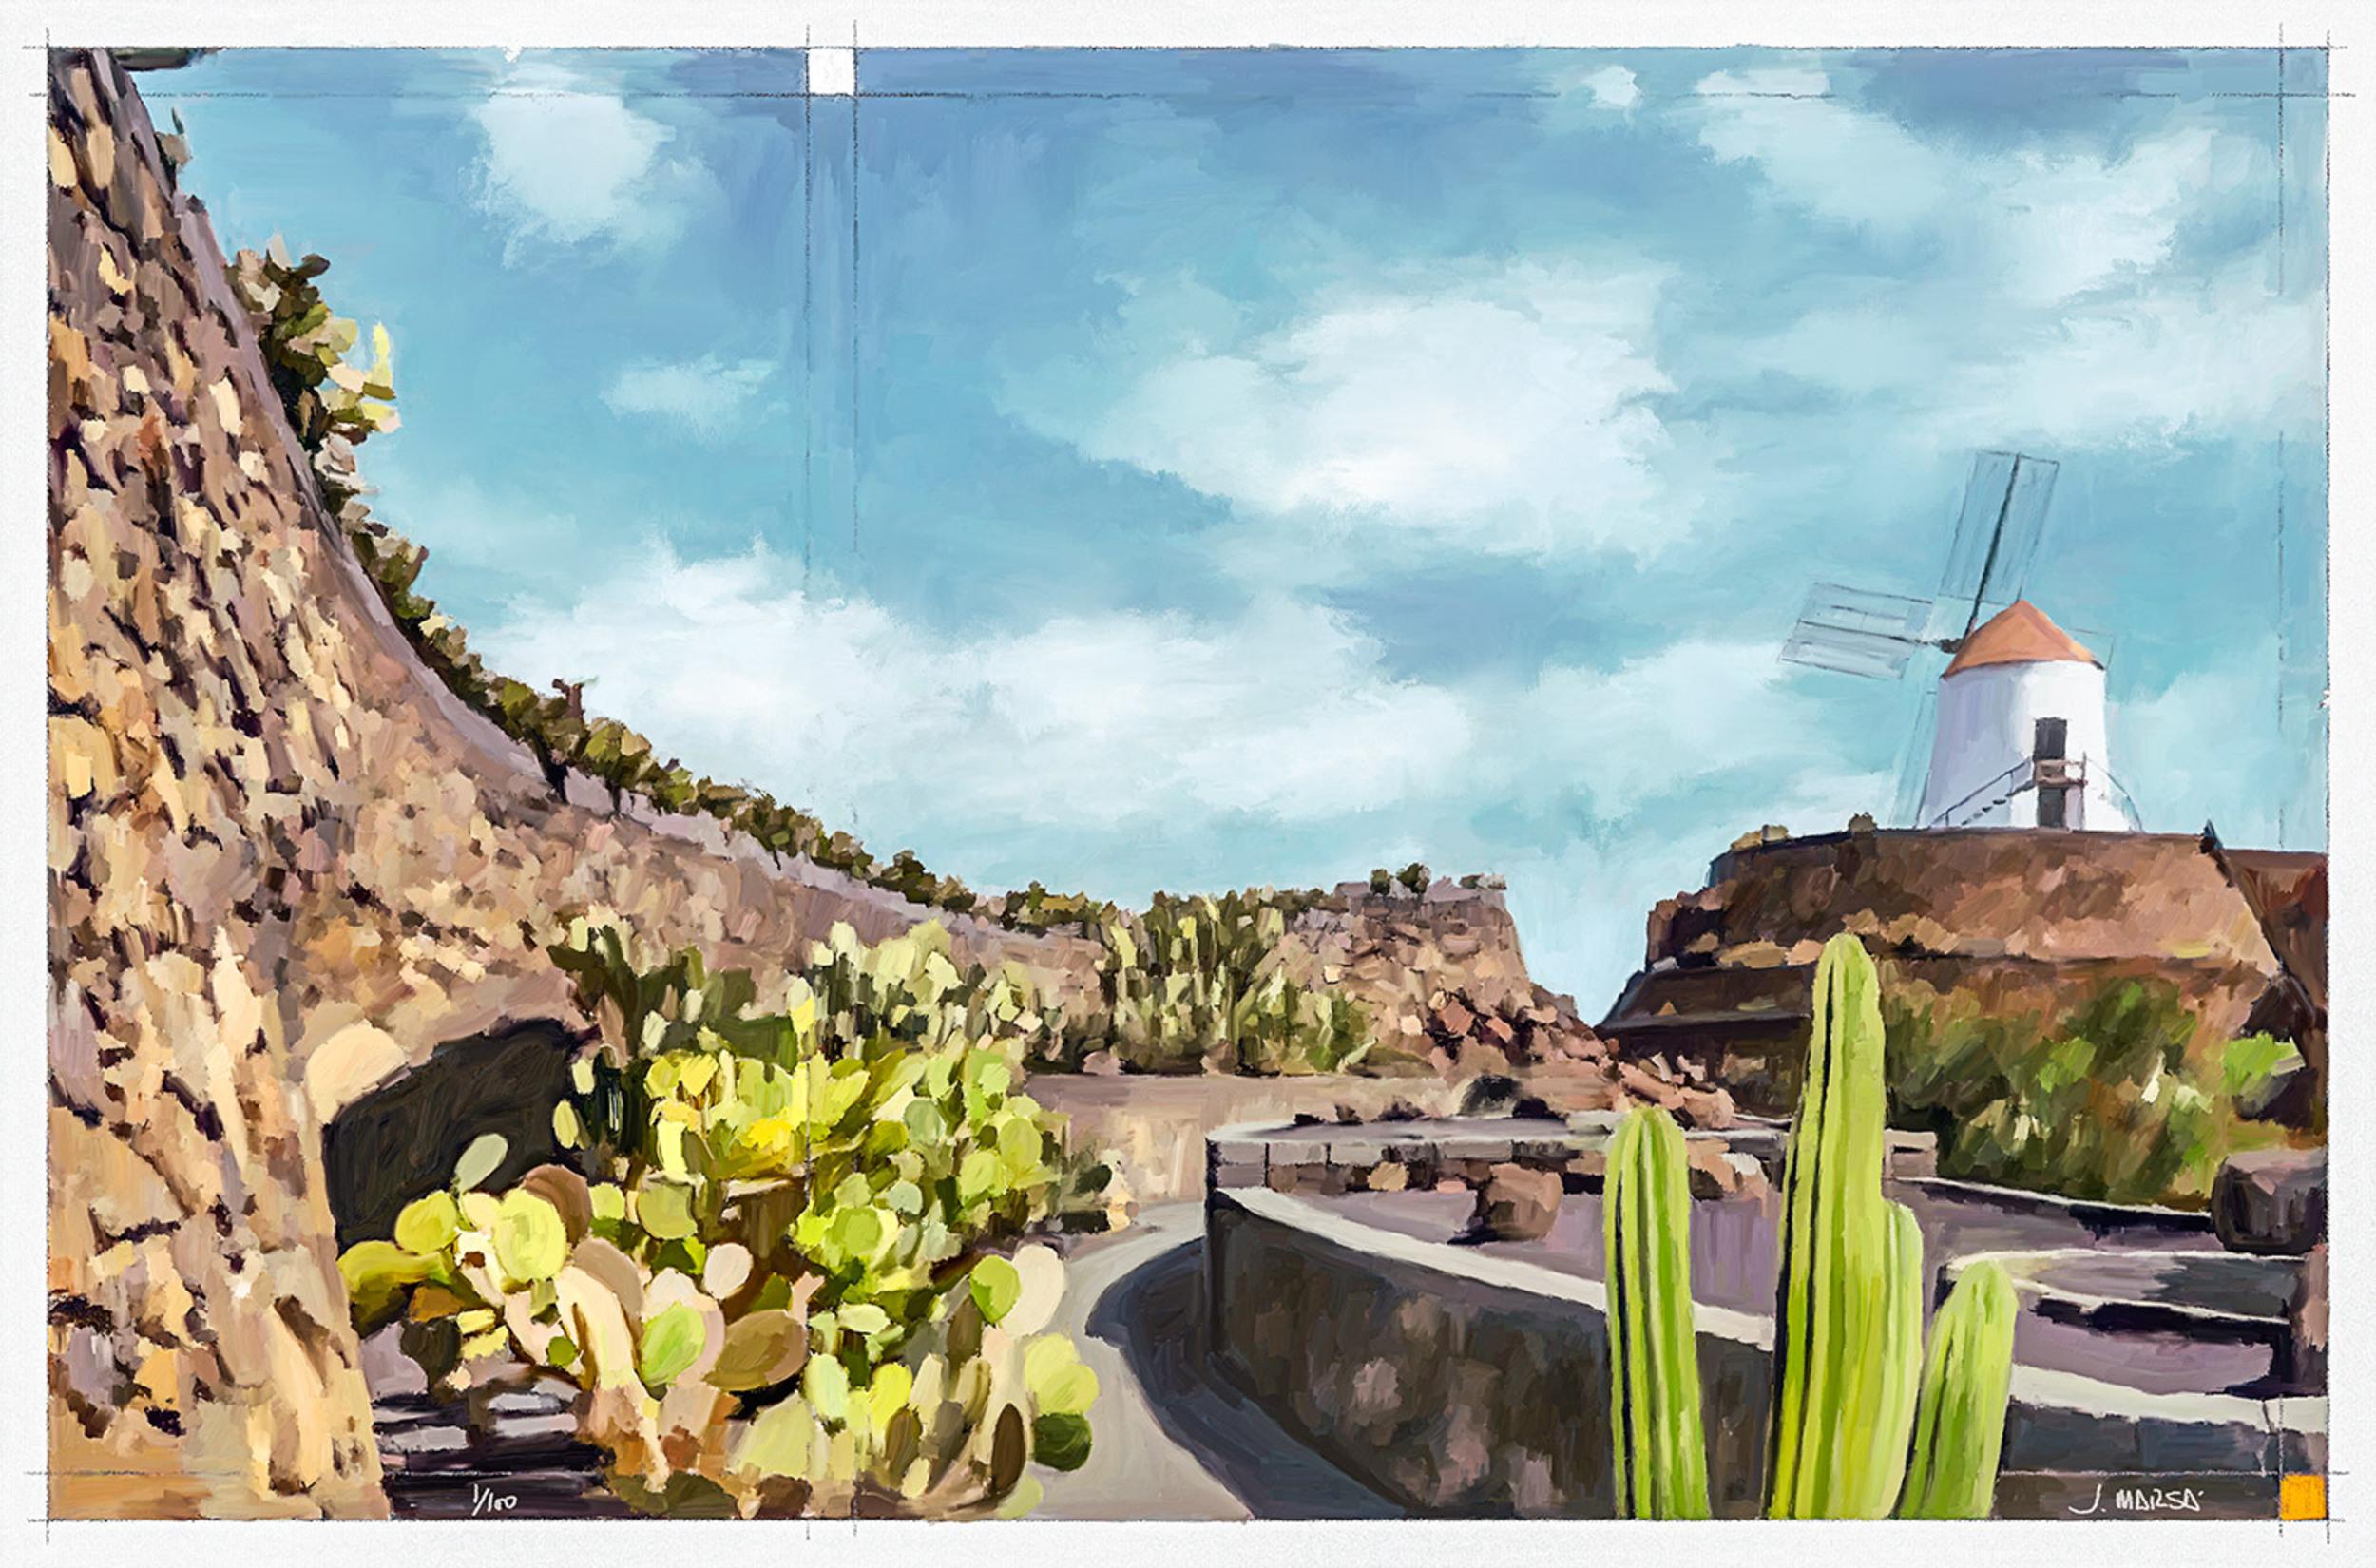 Jardín de Cactus en pintura, por Jorge Marsá